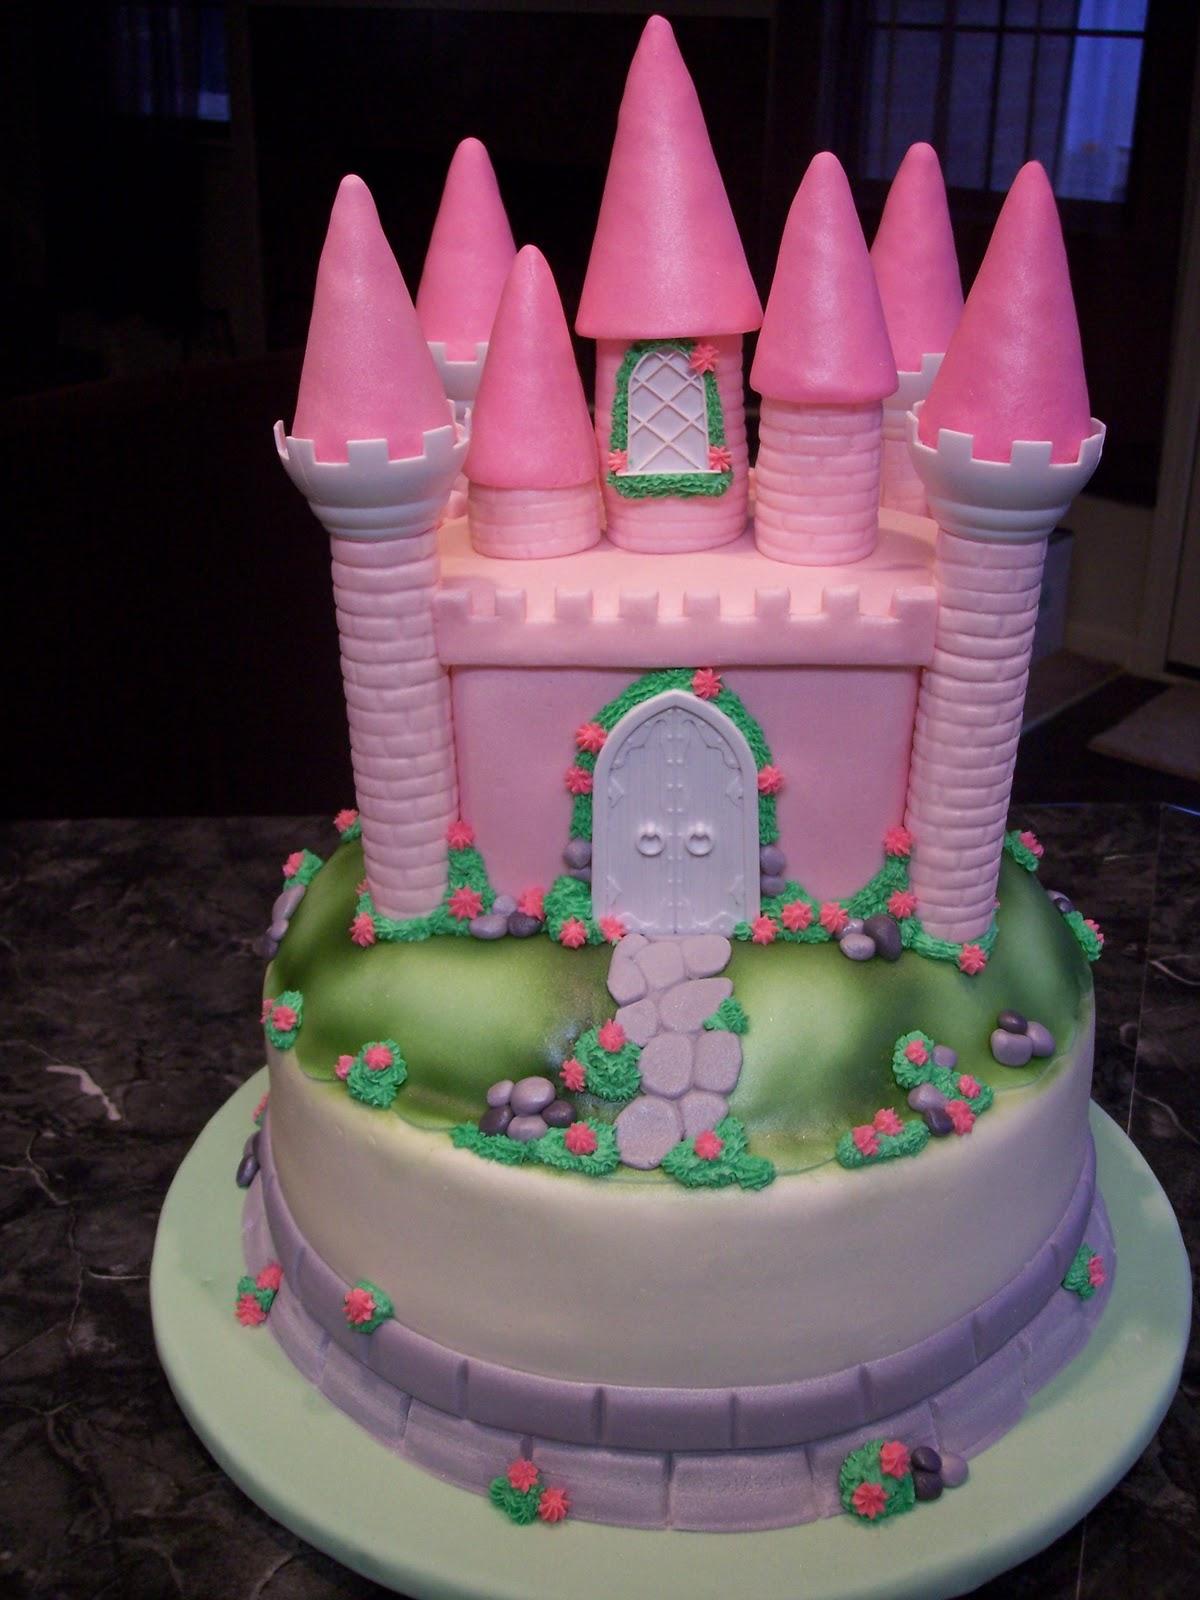 Mymonicakes Princess Castle Cake With Matching Smash Cake